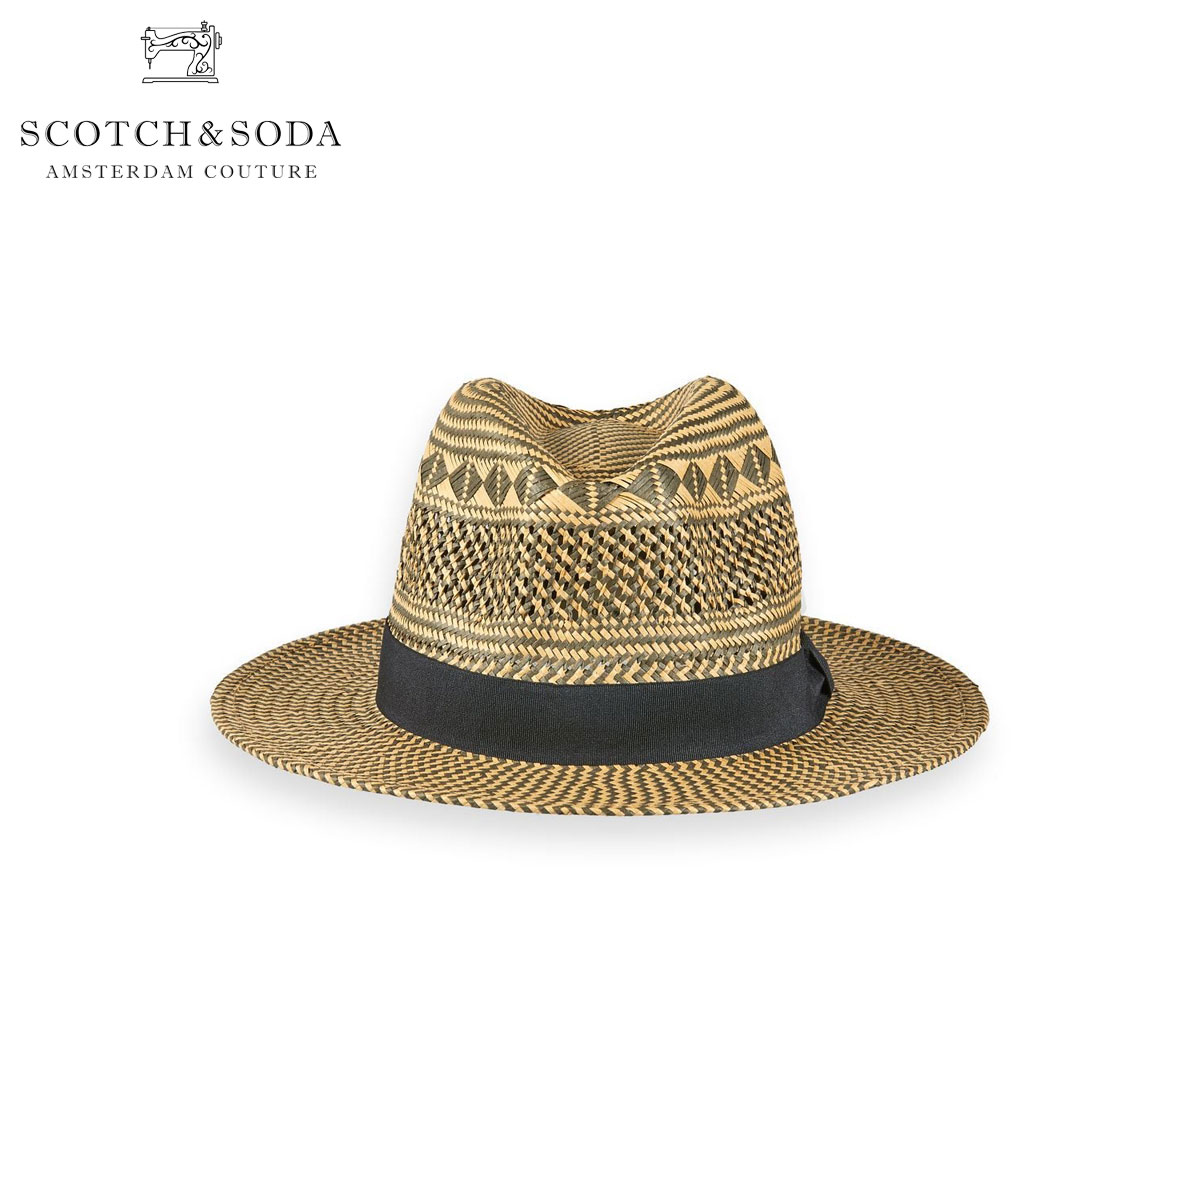 スコッチアンドソーダ SCOTCH&SODA 正規販売店 メンズ レディース 帽子 麦わら帽 ストローハット CHIC PATTERNED STRAW HAT 149170 0217 COMBO A